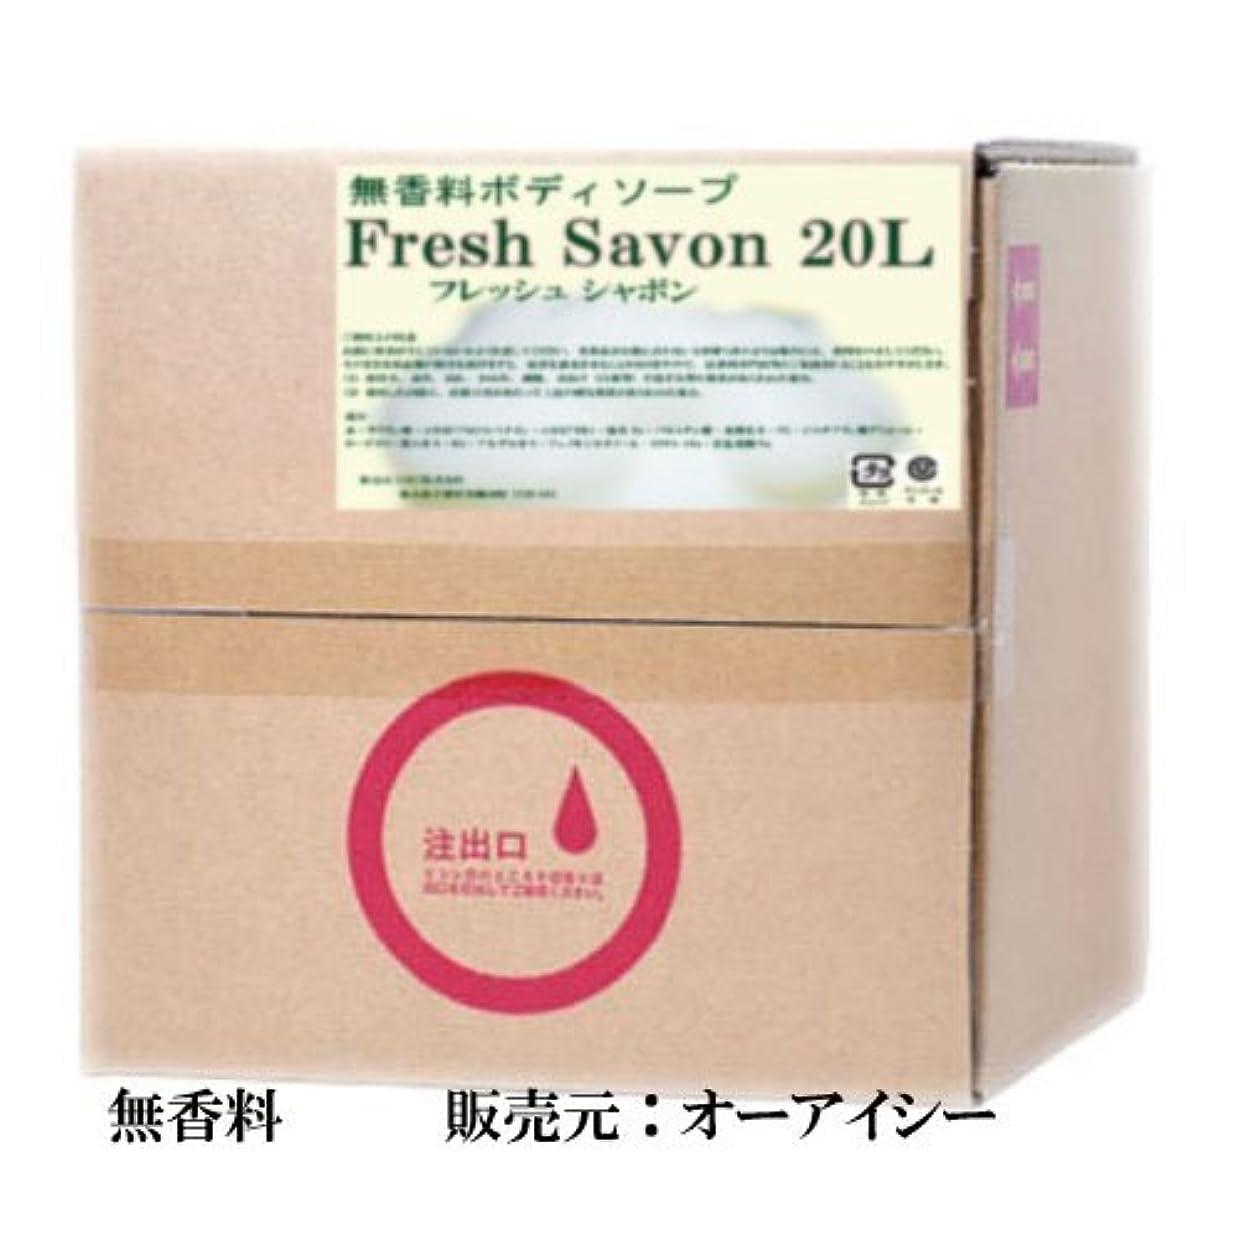 ご注意どうやって悪性腫瘍業務用 無香料 ボディソープ フレッシュシャボン 20L (販売元:オーアイシー) (ホワイト(コック付属))